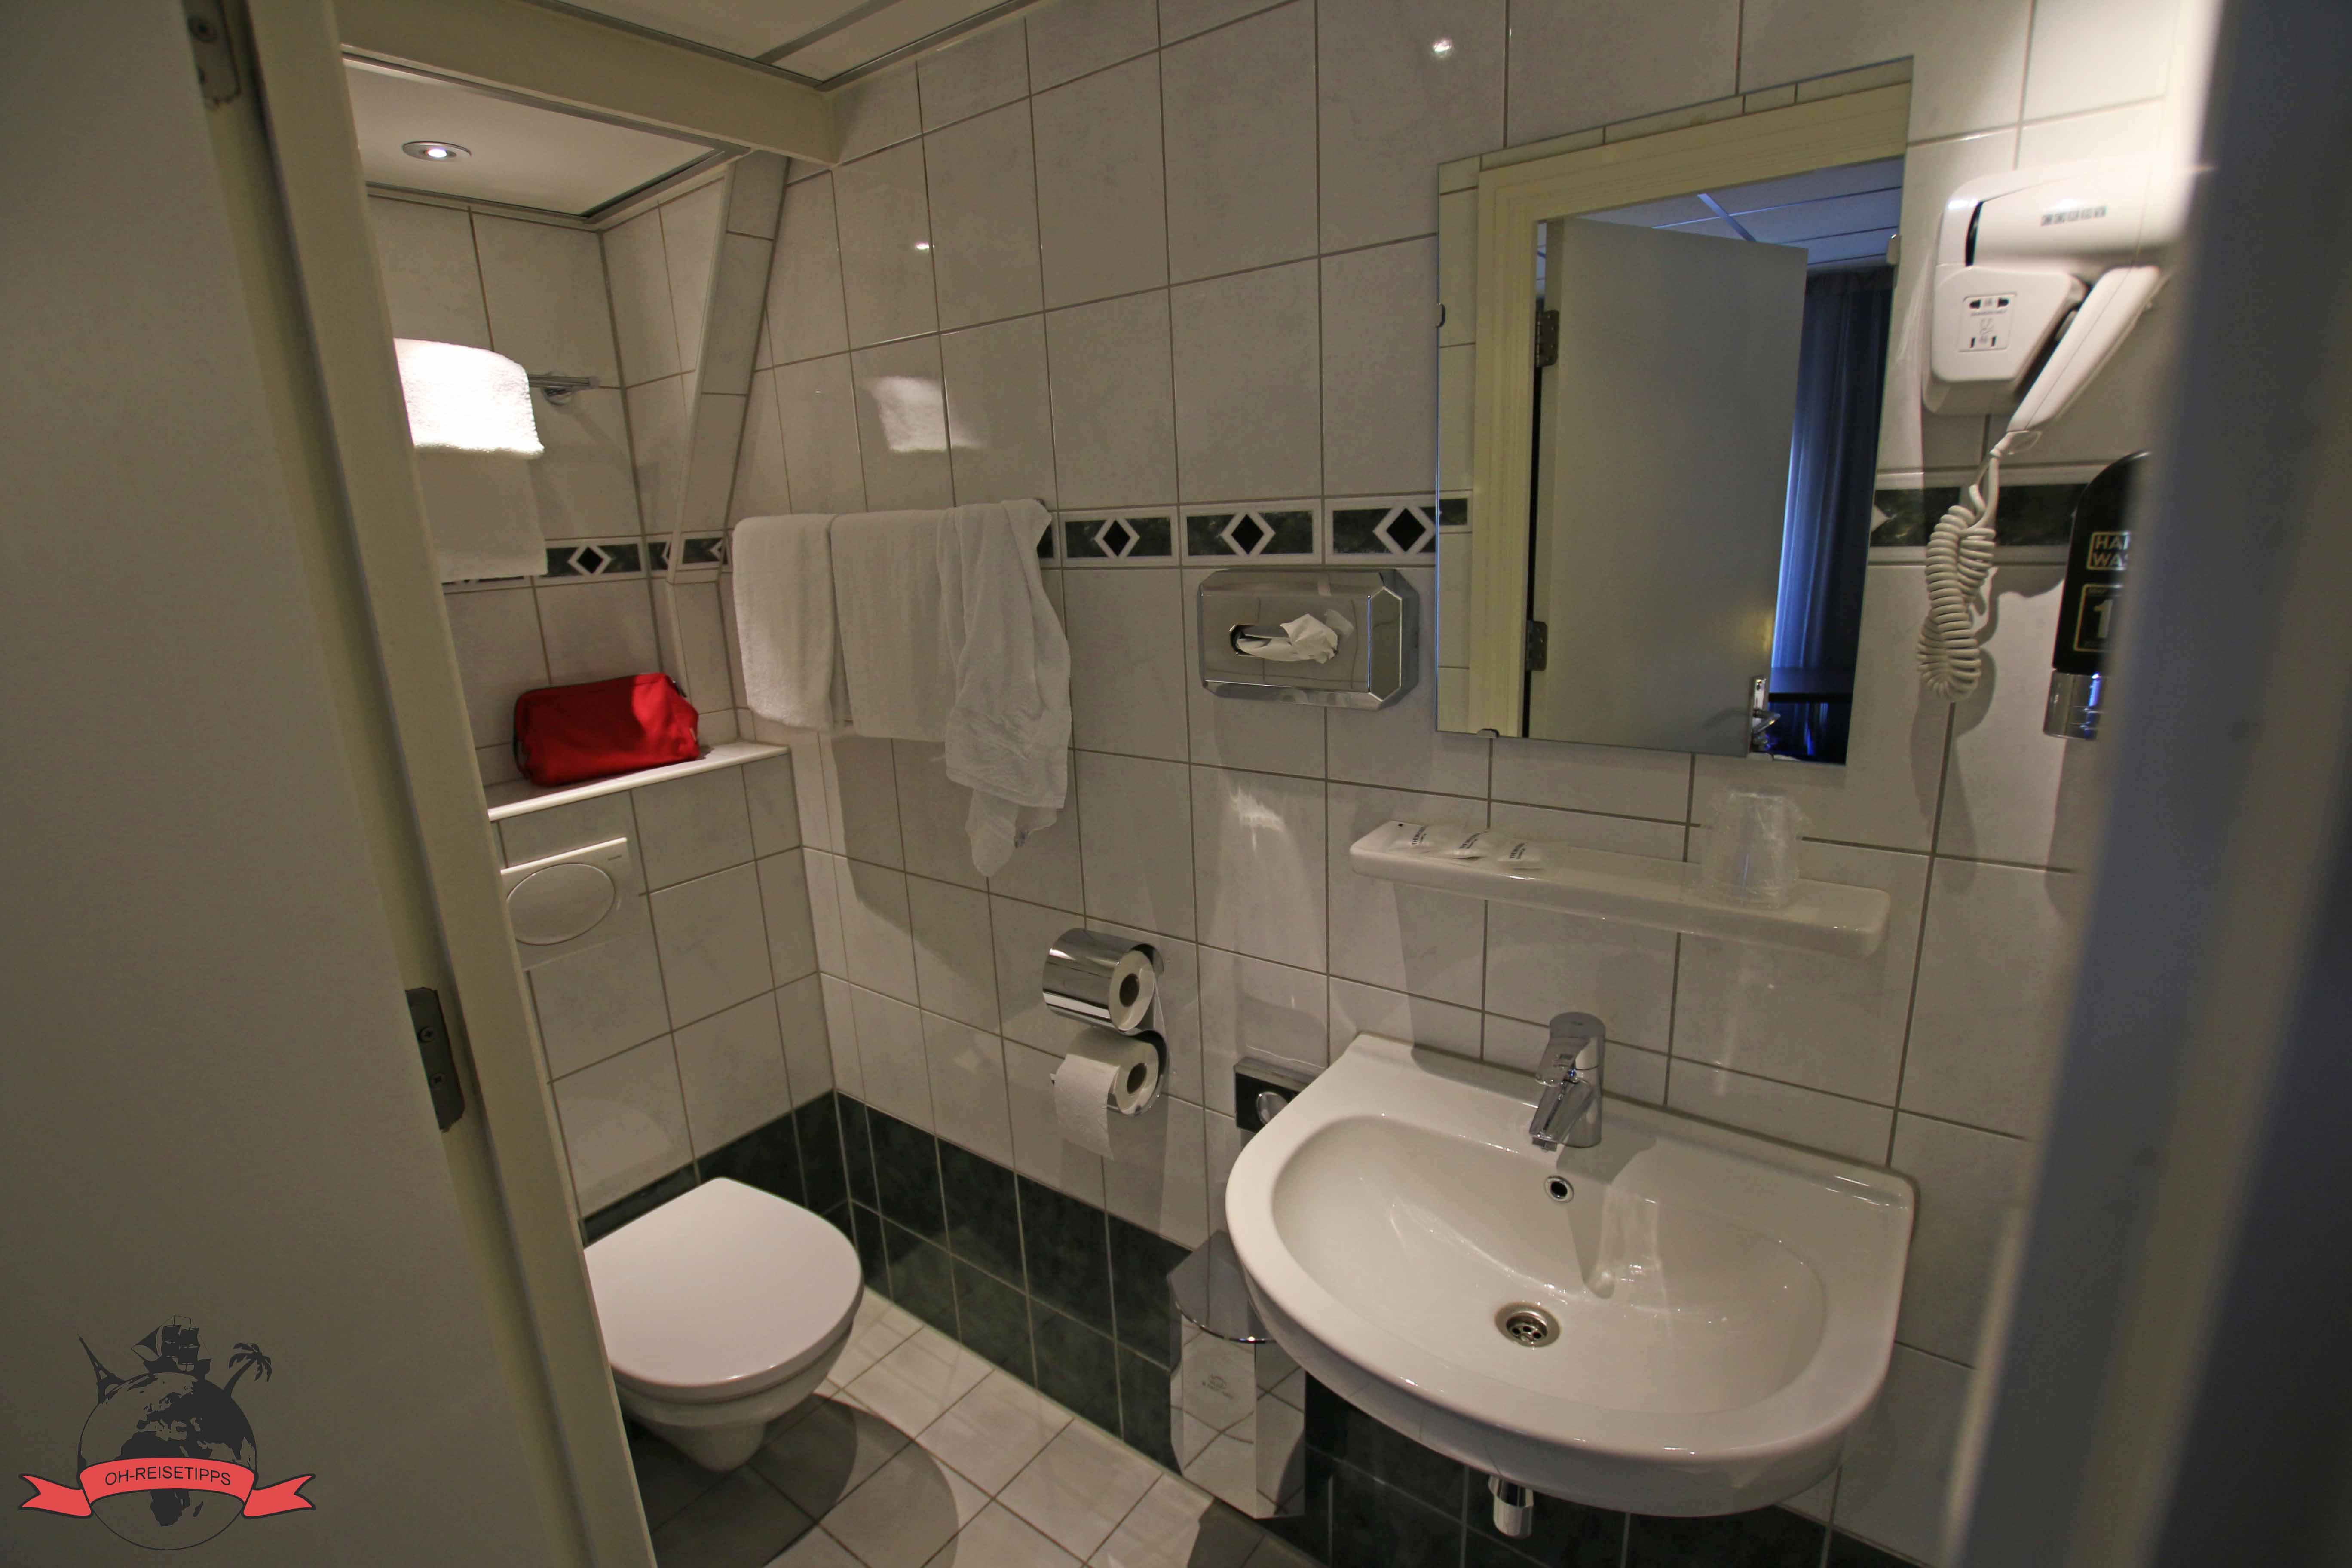 niederlande-amsterdam-hotel-luxer-bad